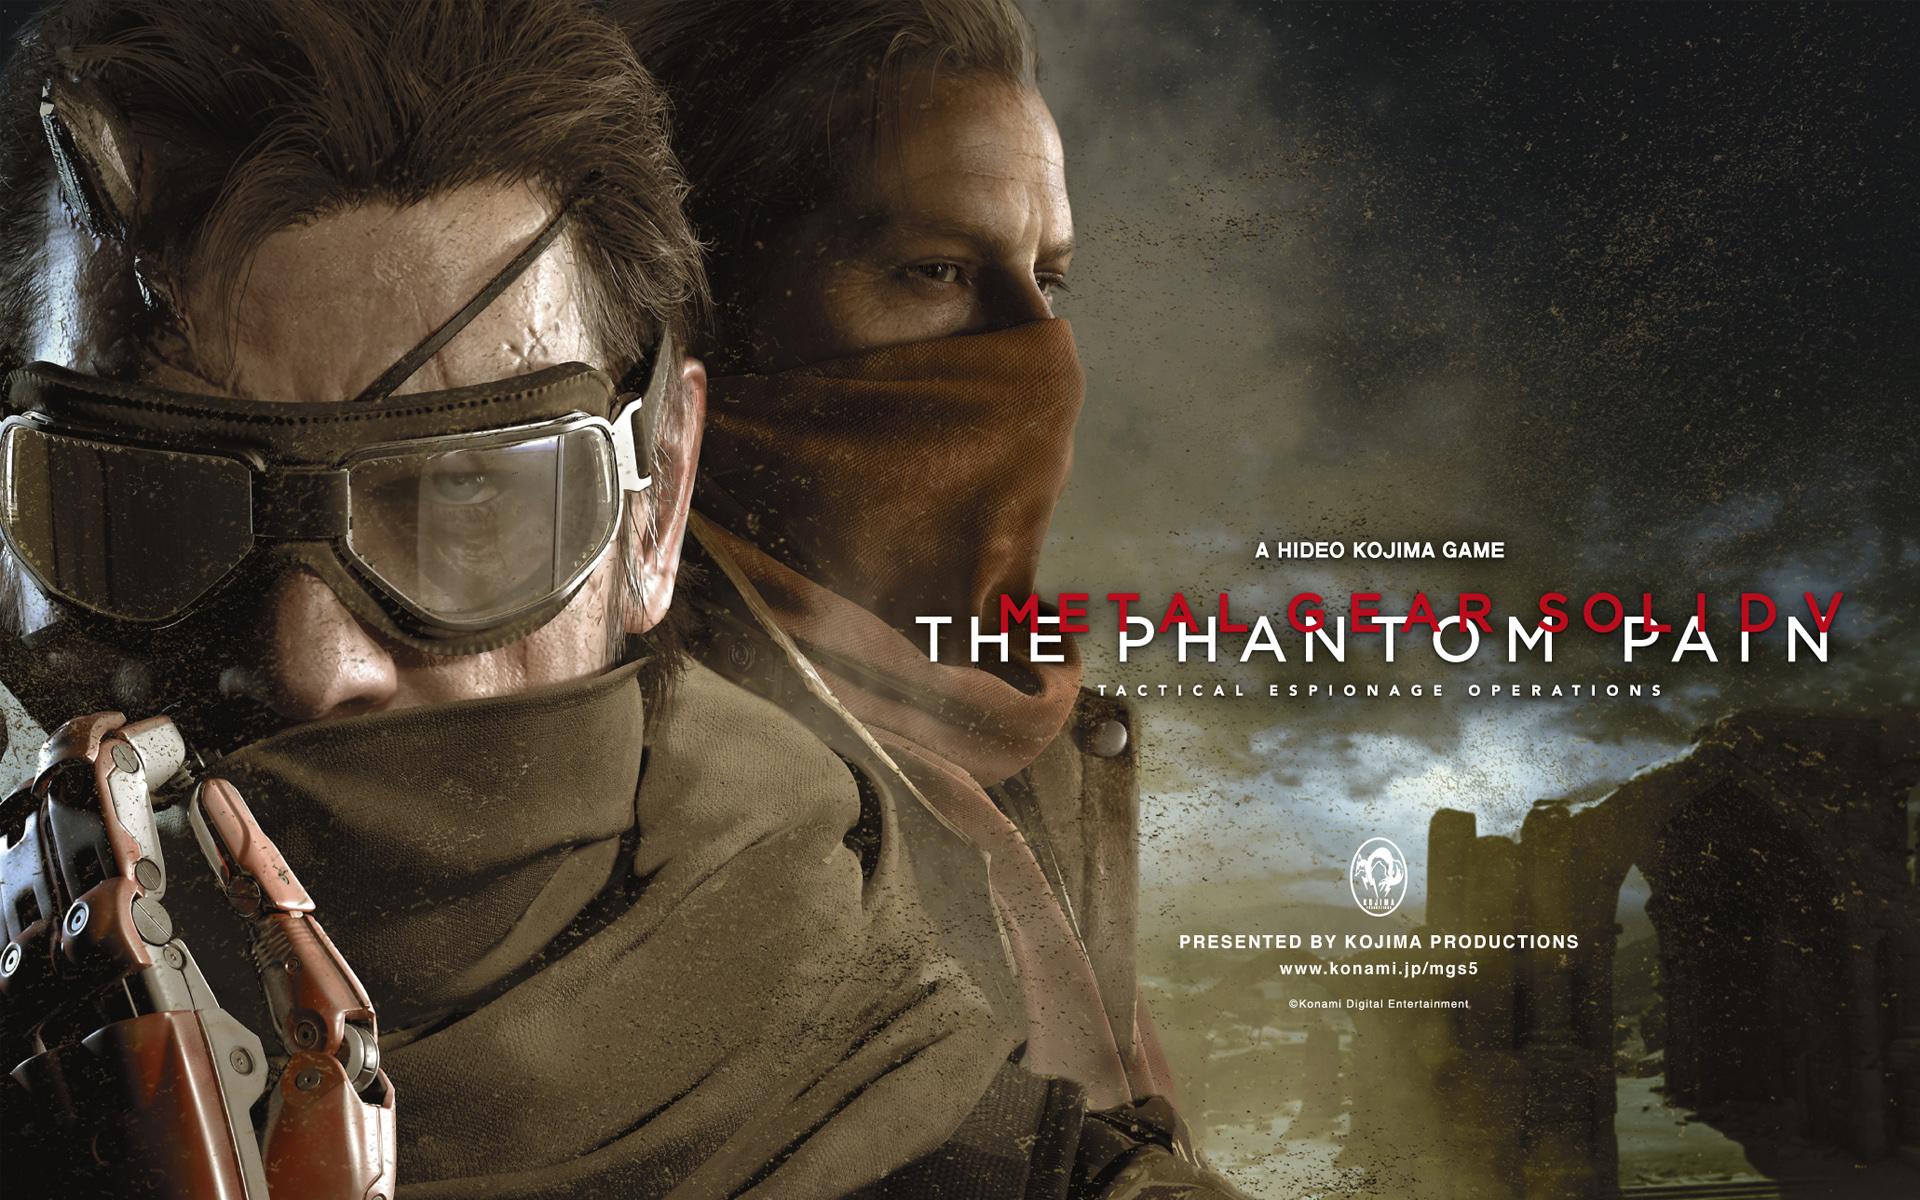 تجربه فروش ۴۰ میلیون نسخه ای سری بازیهای Metal Gear Solid